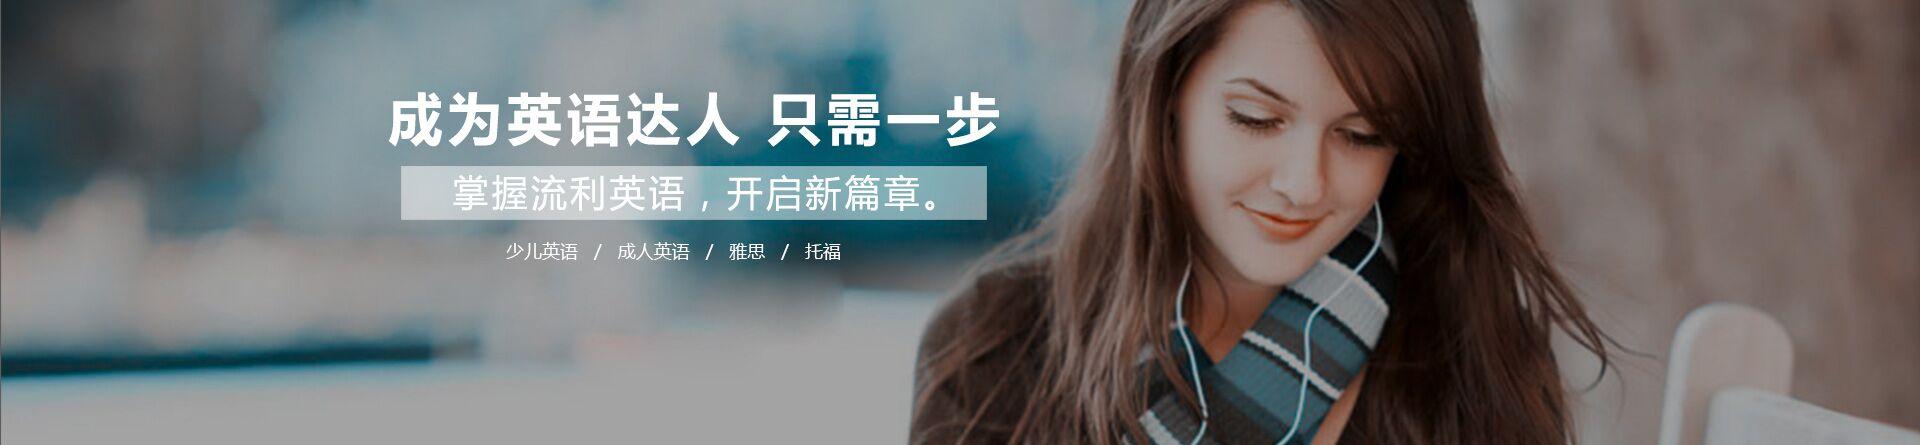 四川省成都市阿卡索英语培训机构